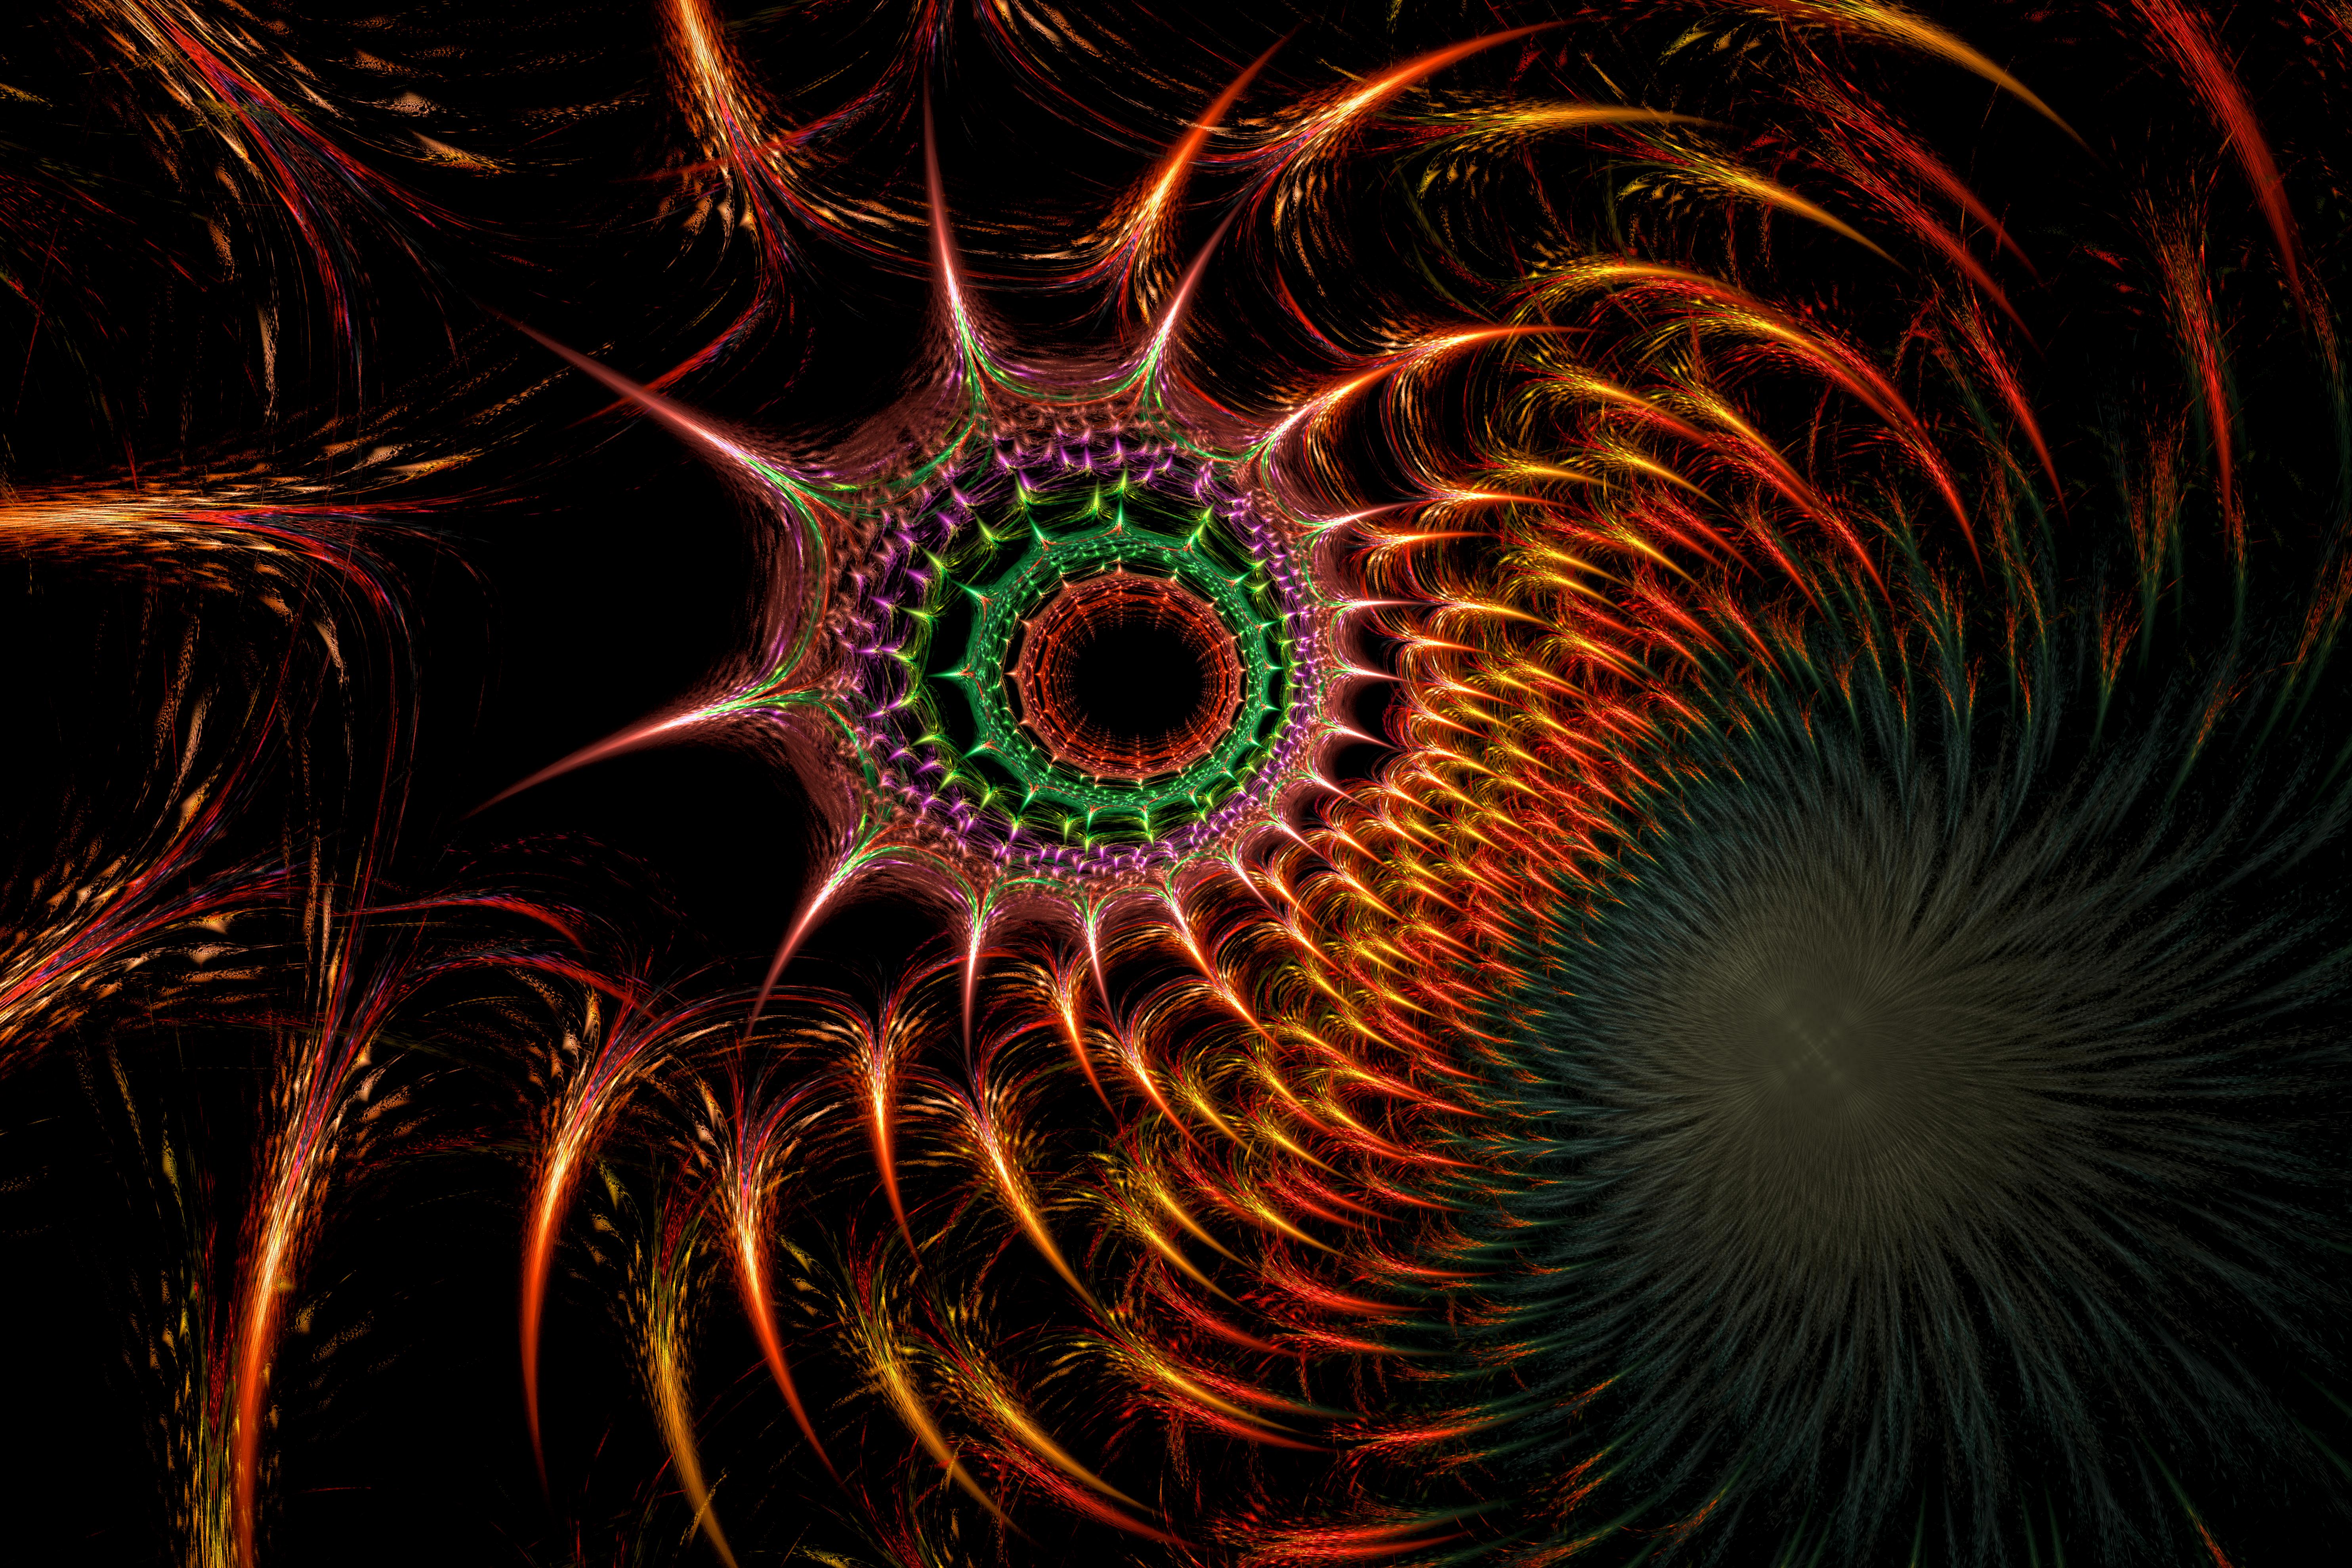 EyeSore by JahPickney